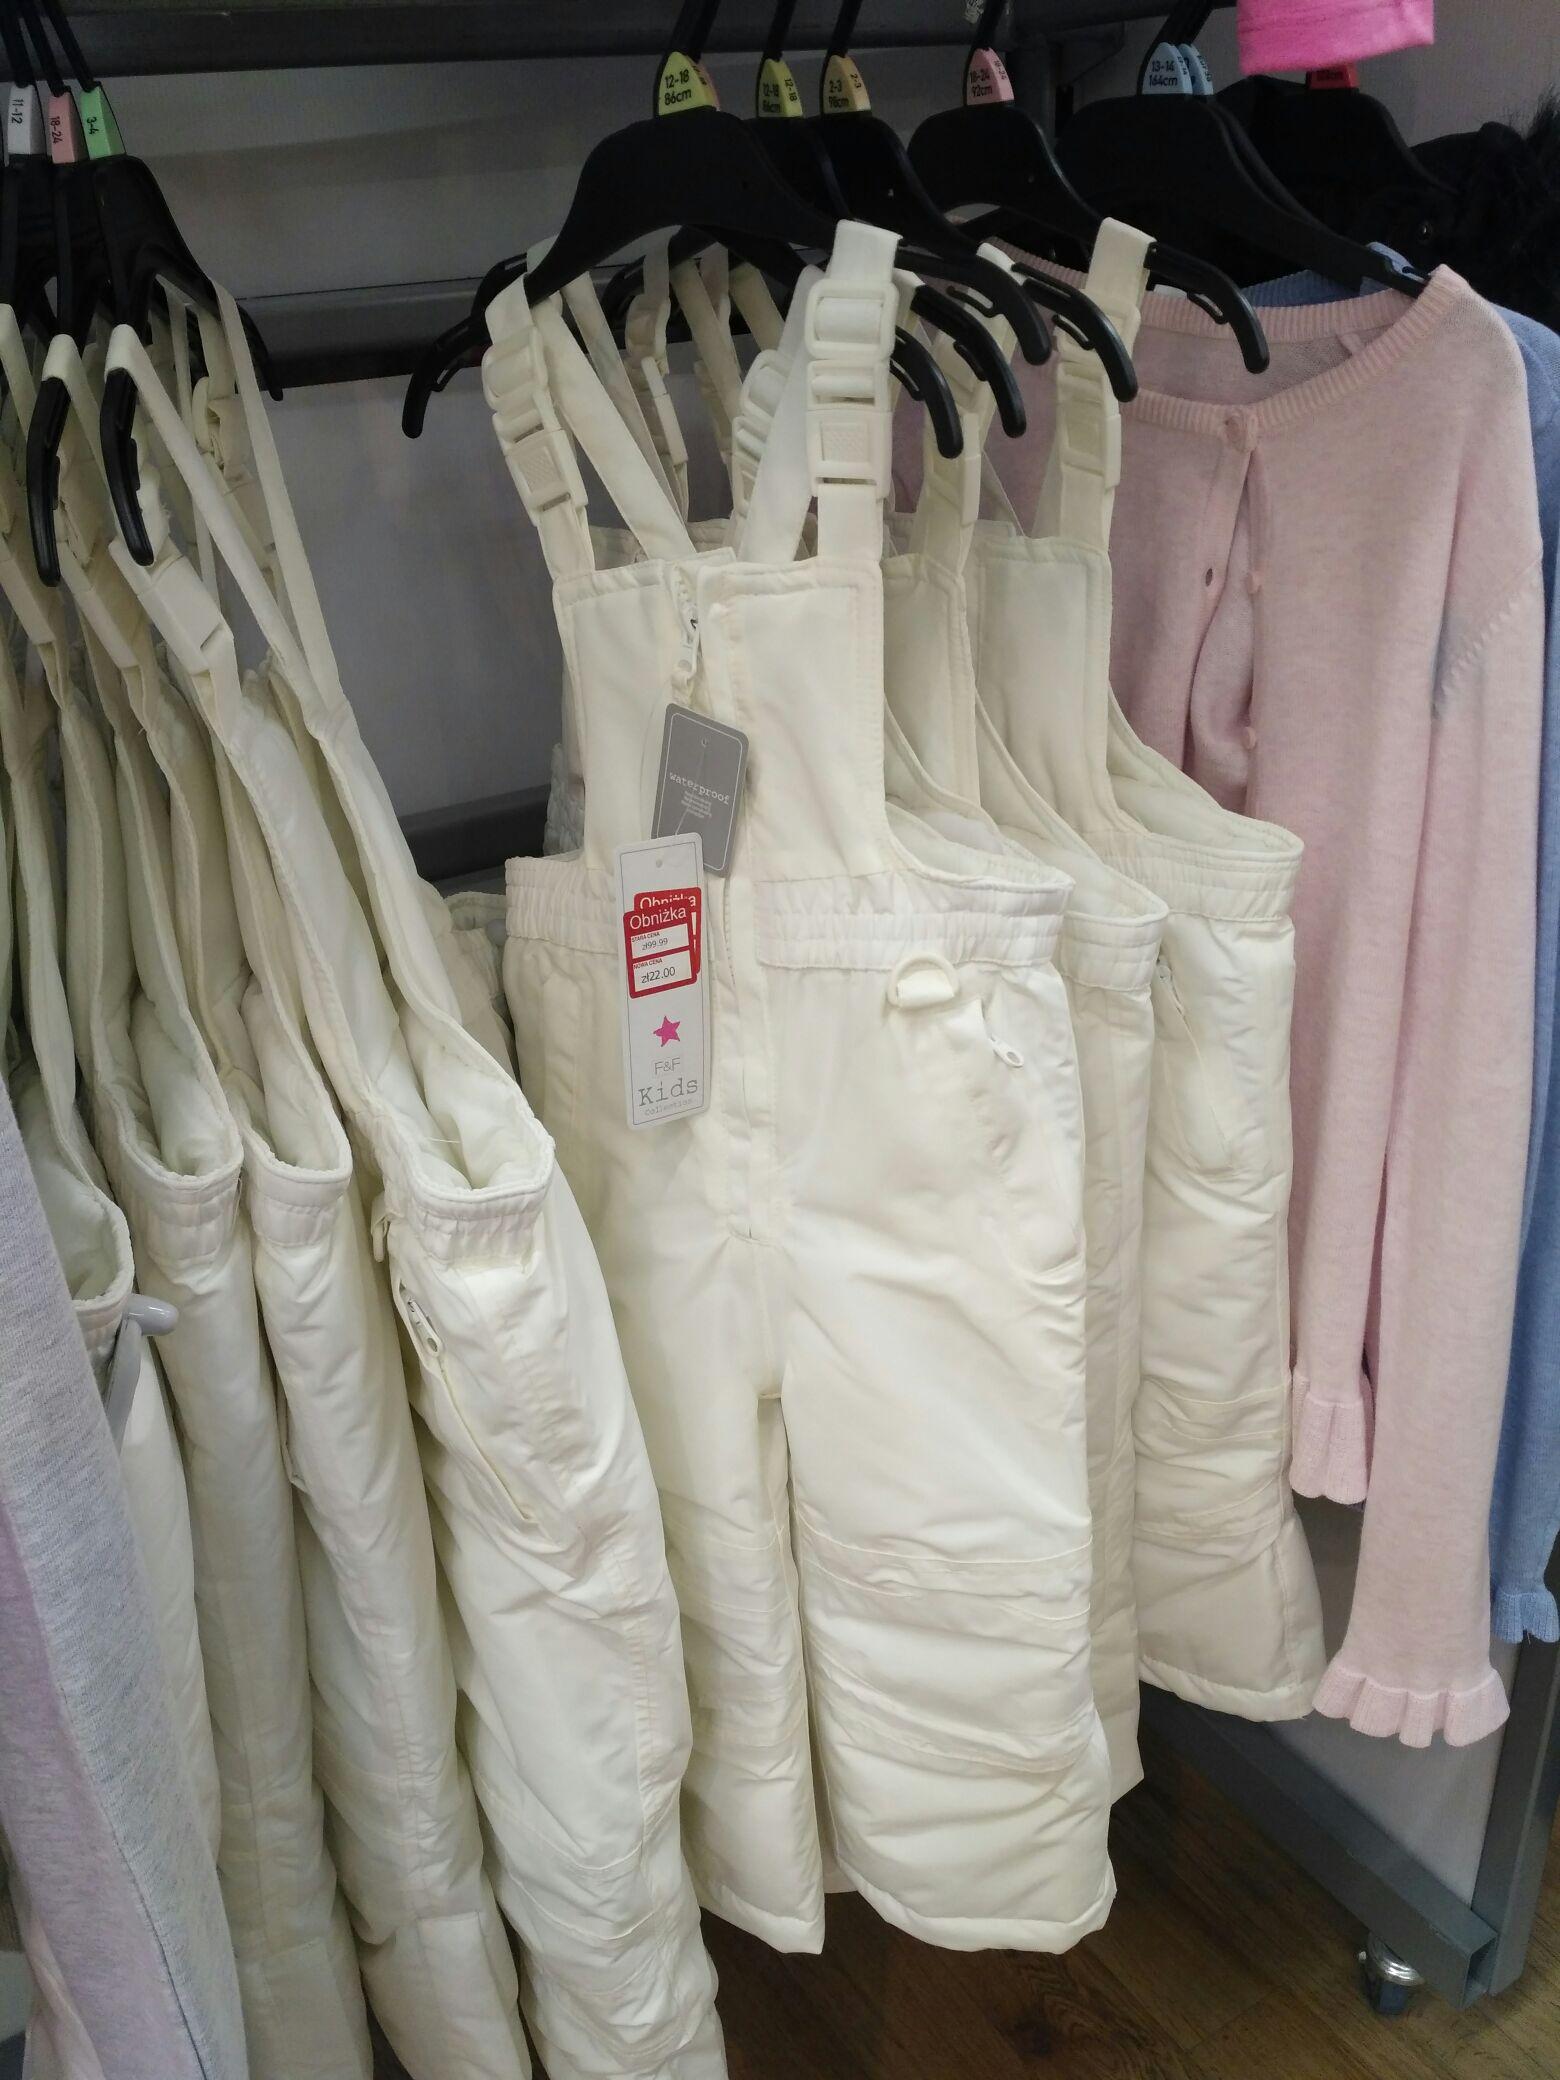 F&F Tesco odzież dziecięca końcówka wyprzedaży + rabat -20%